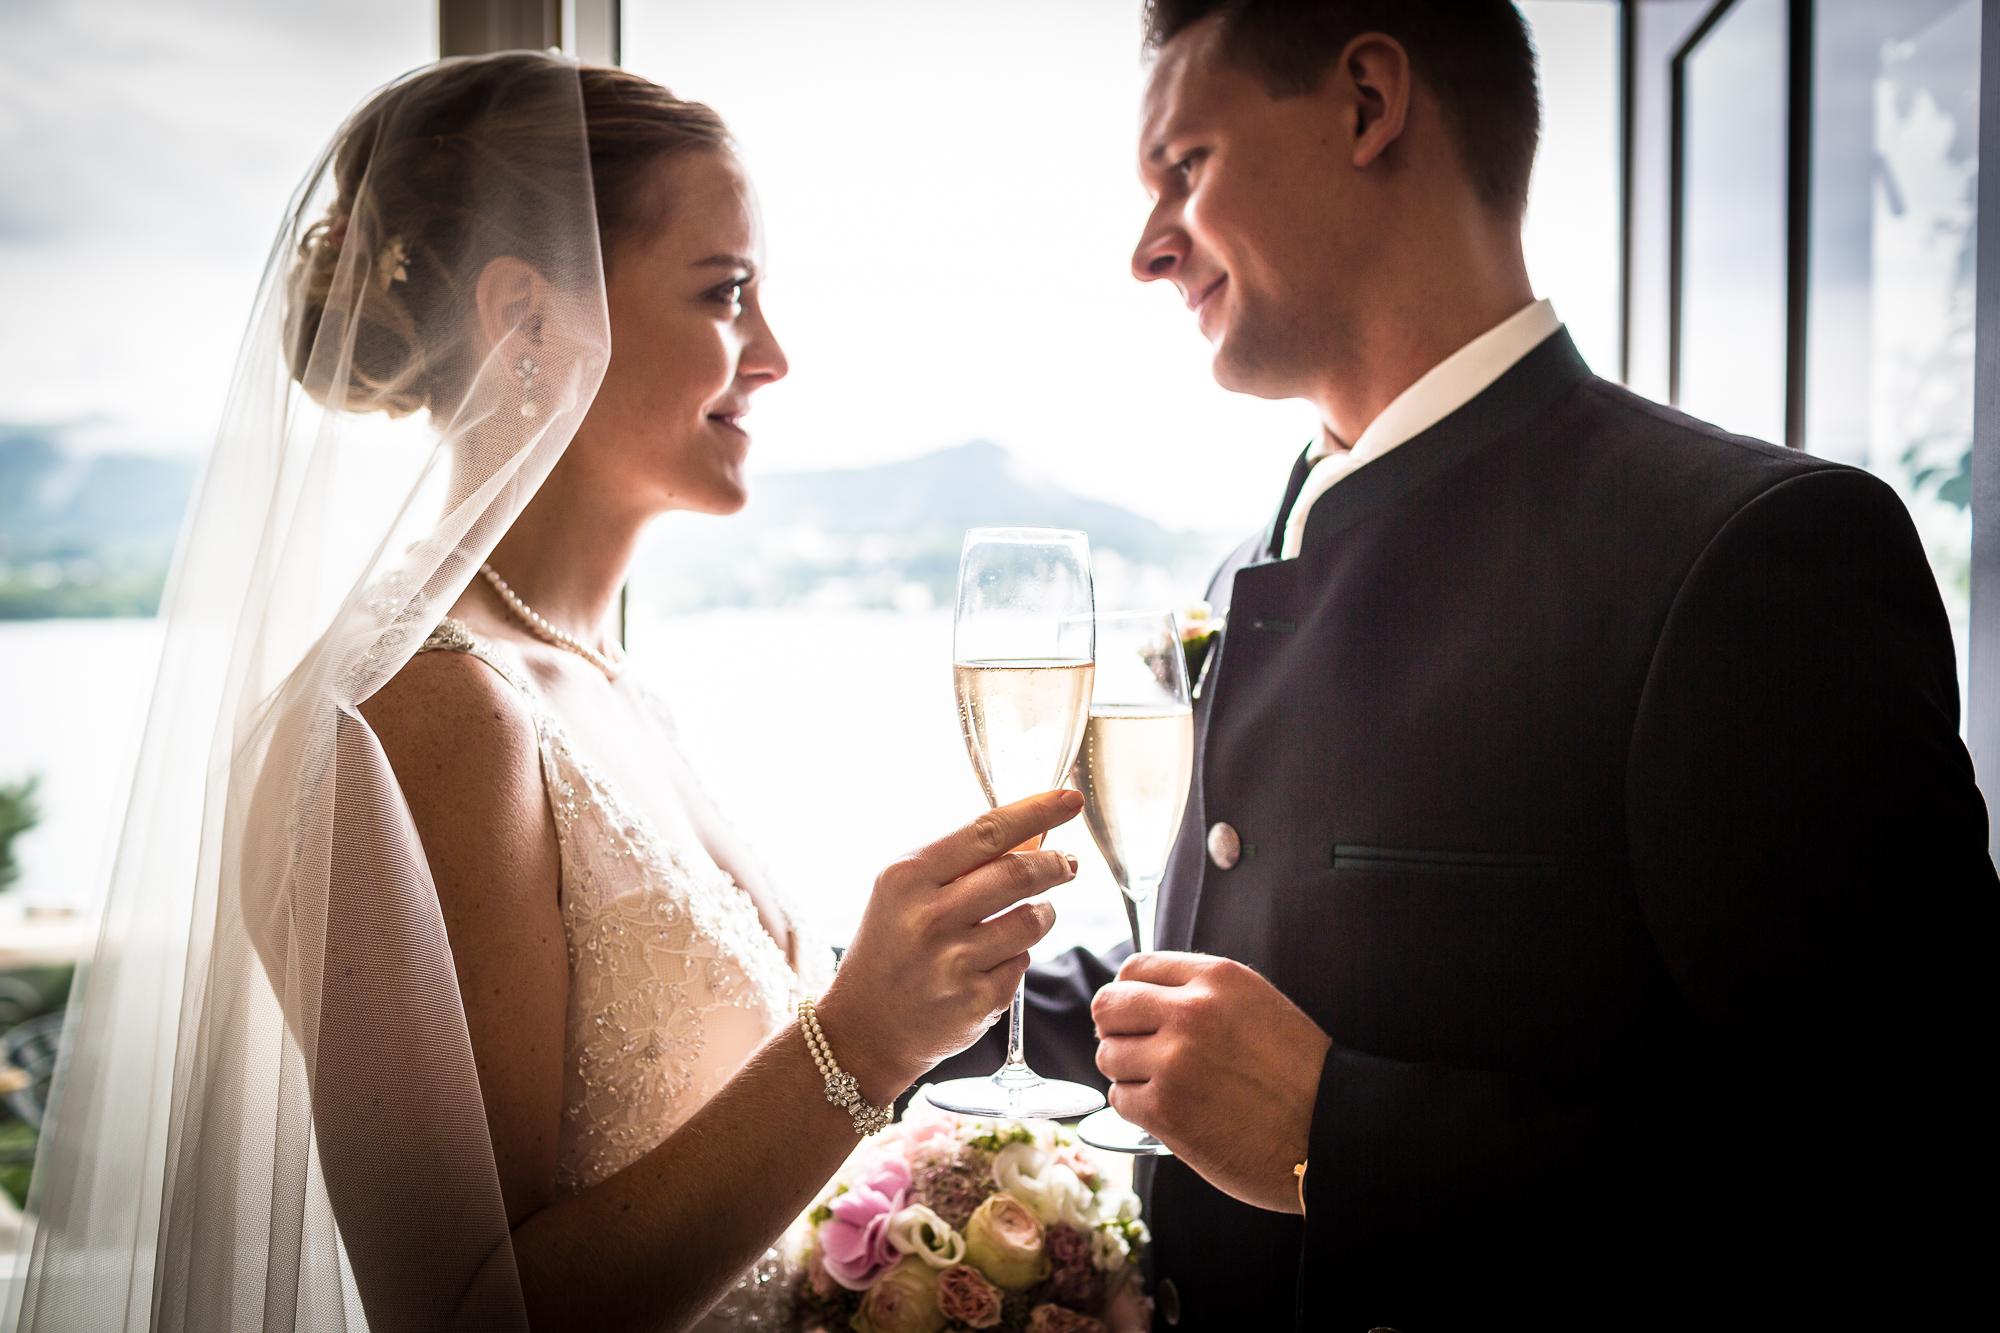 2-tägiger Workshop Hochzeitsfotografie   mit Profi Werner Harrer